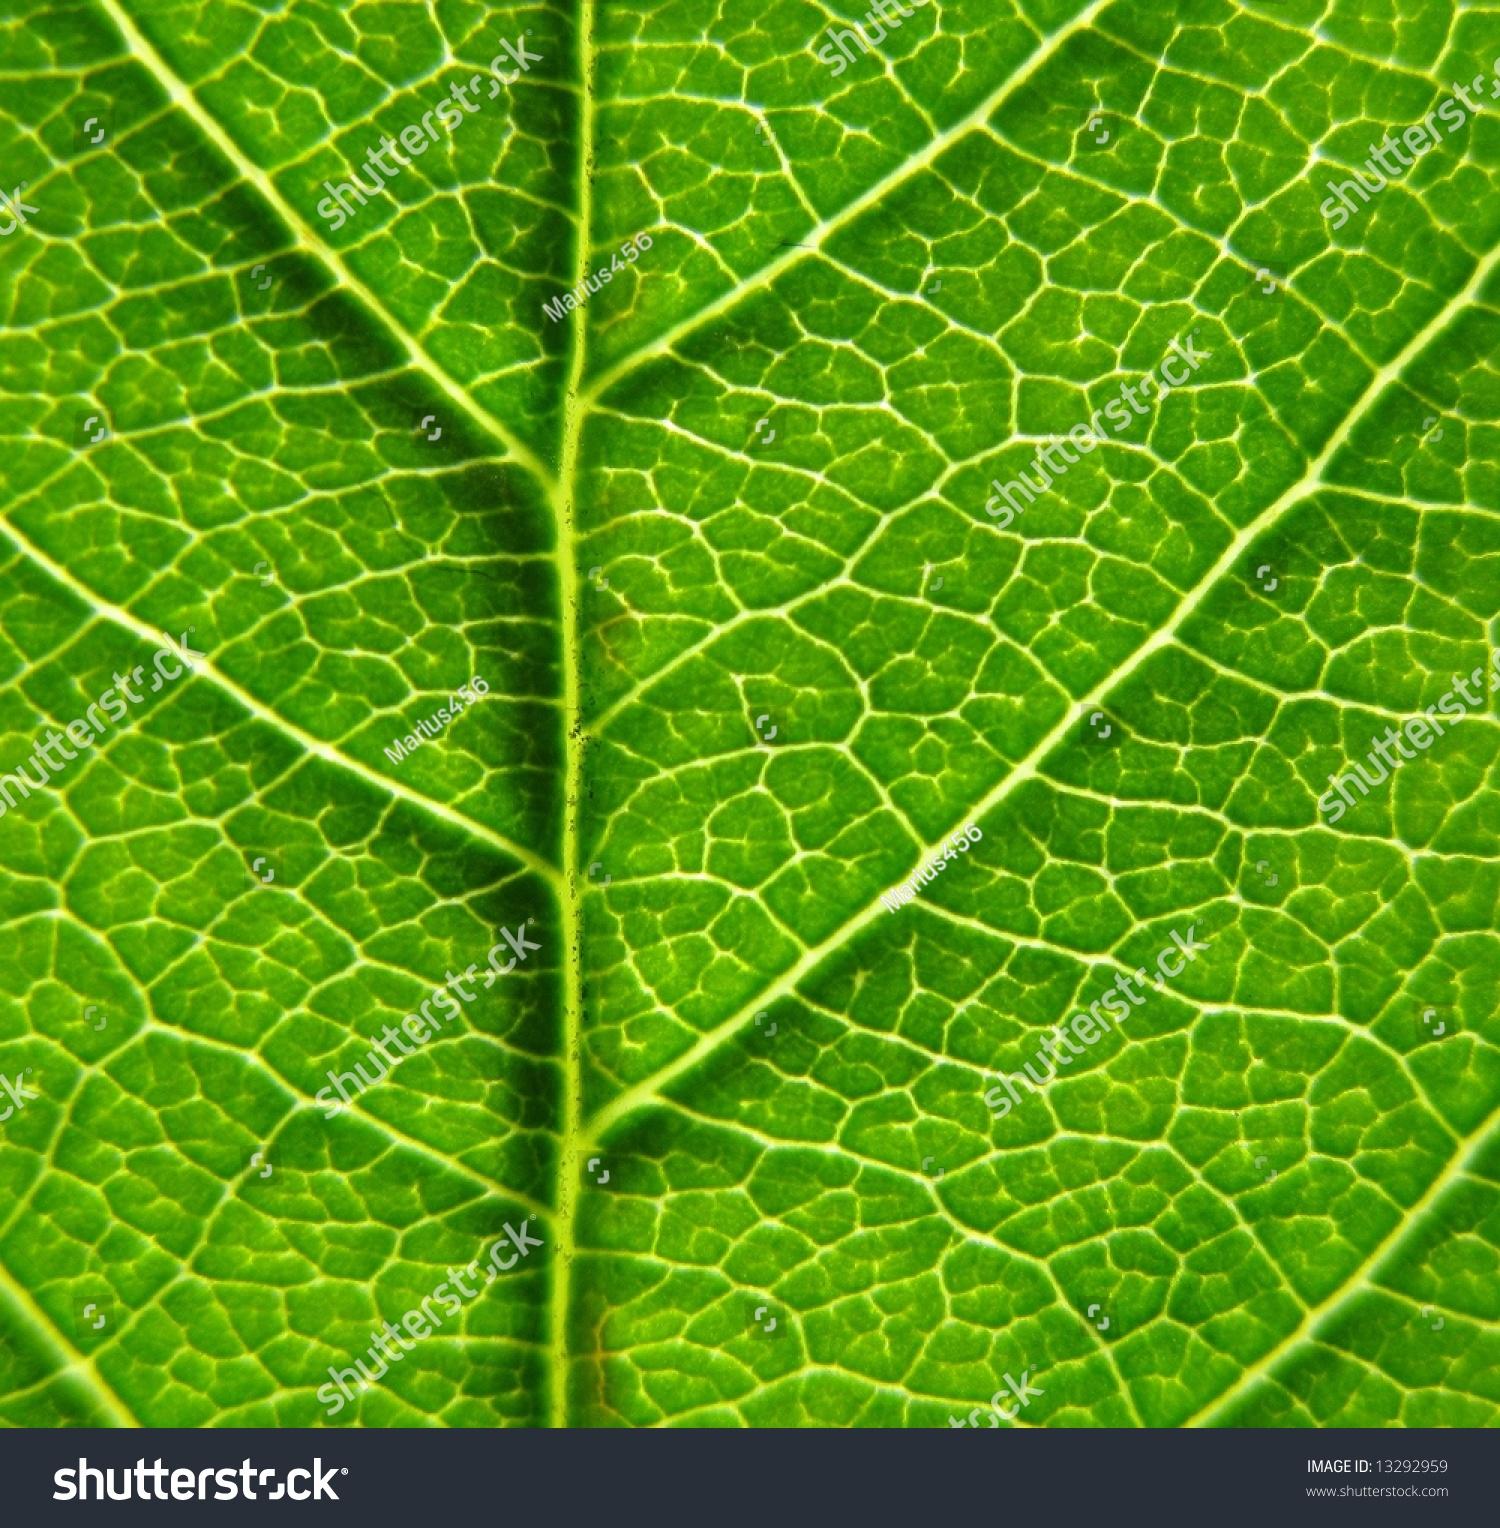 Dark Green Leaf Background Stock Photo 13292959 - Shutterstock